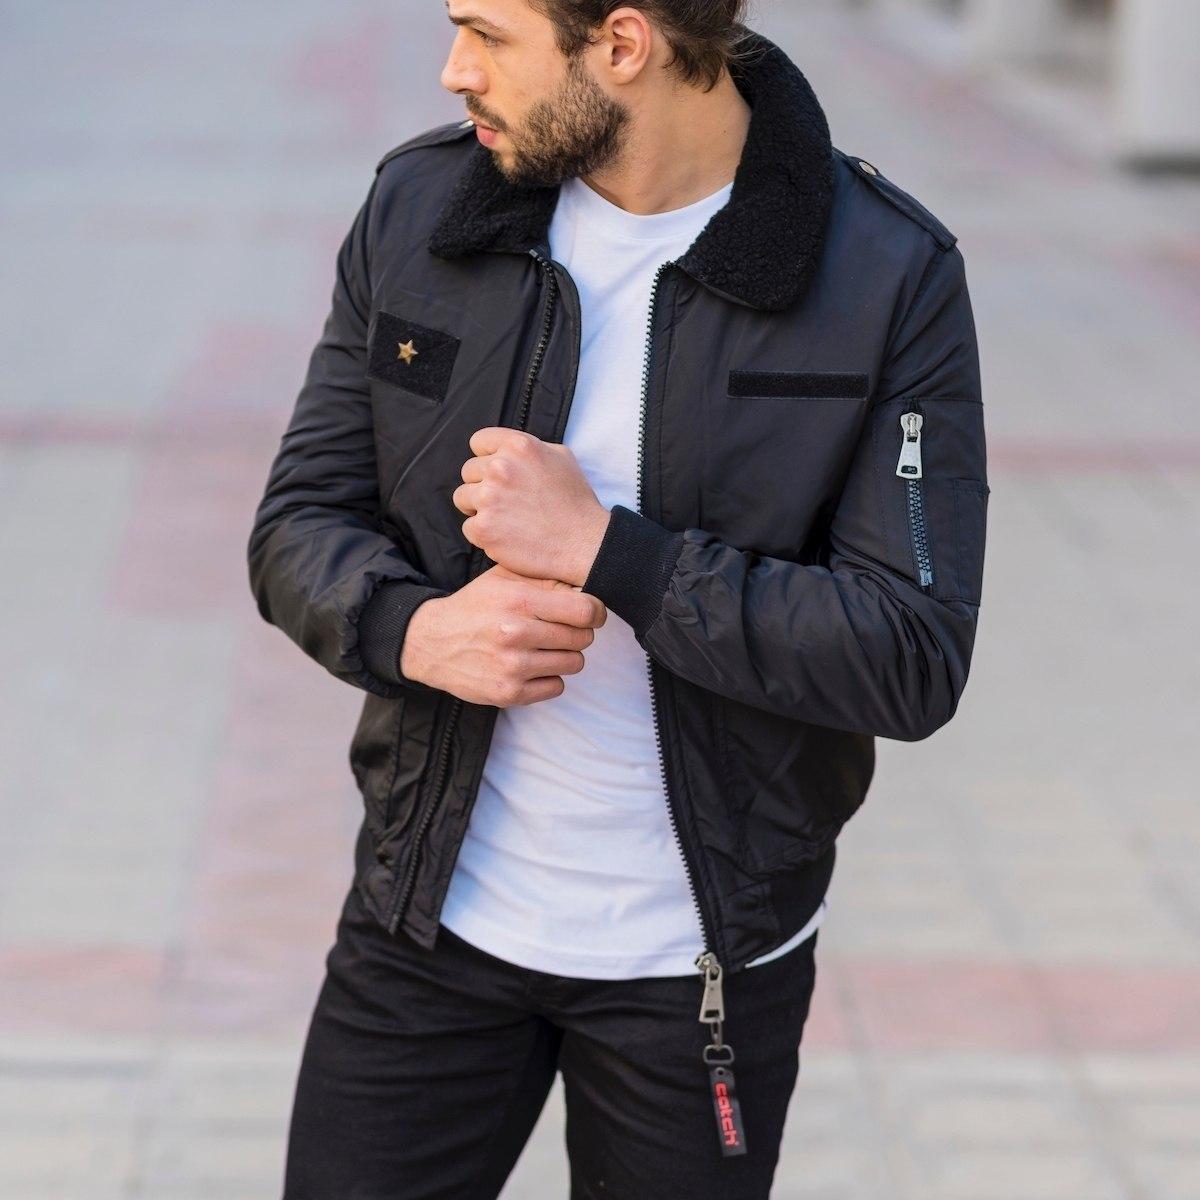 Men's Pilot Jacket In Black